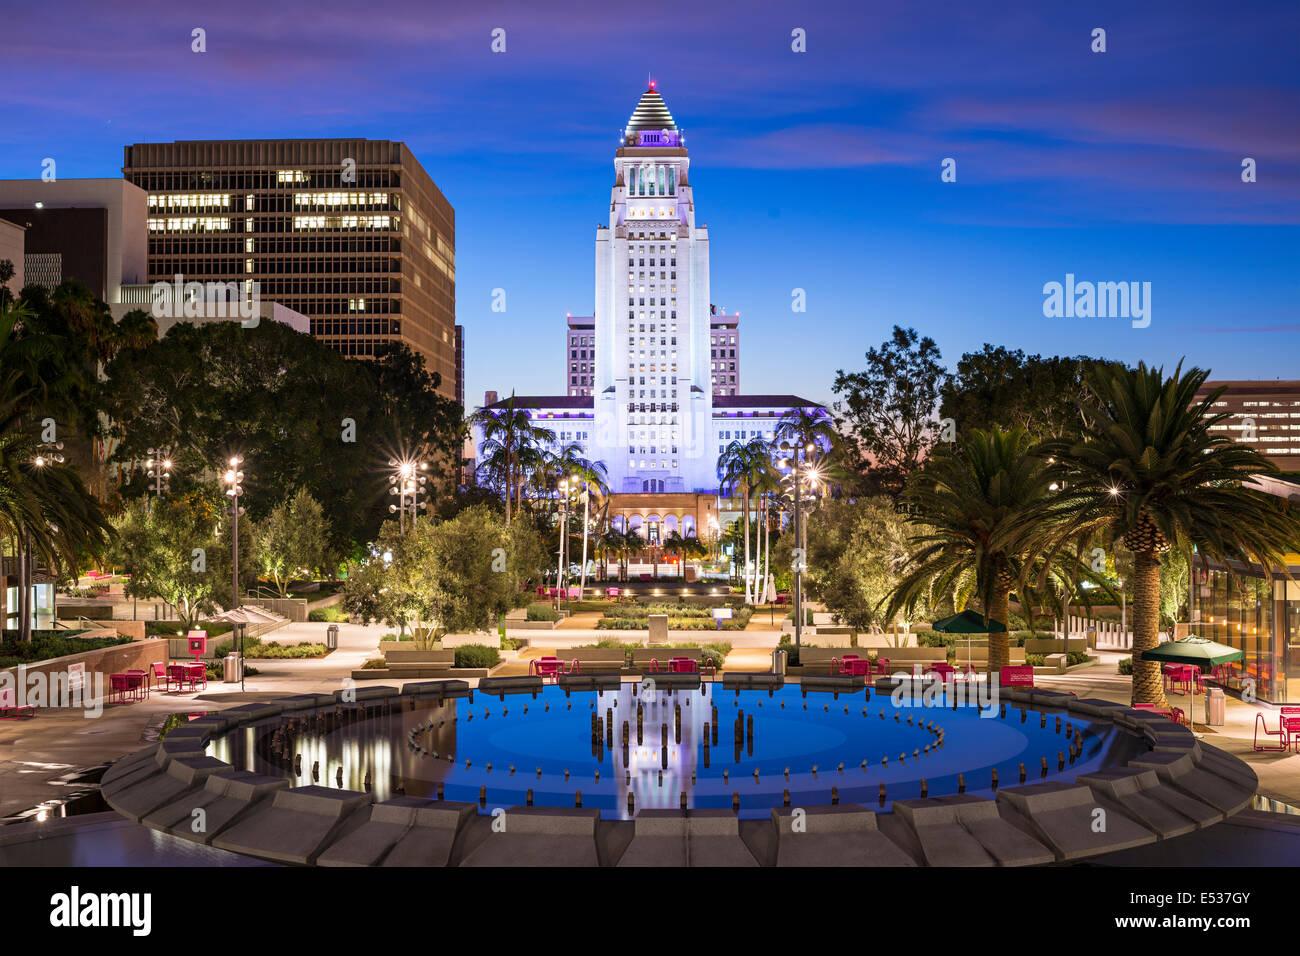 Los Angeles, California, EE.UU. en el centro de la ciudad, en el ayuntamiento de la ciudad. Imagen De Stock